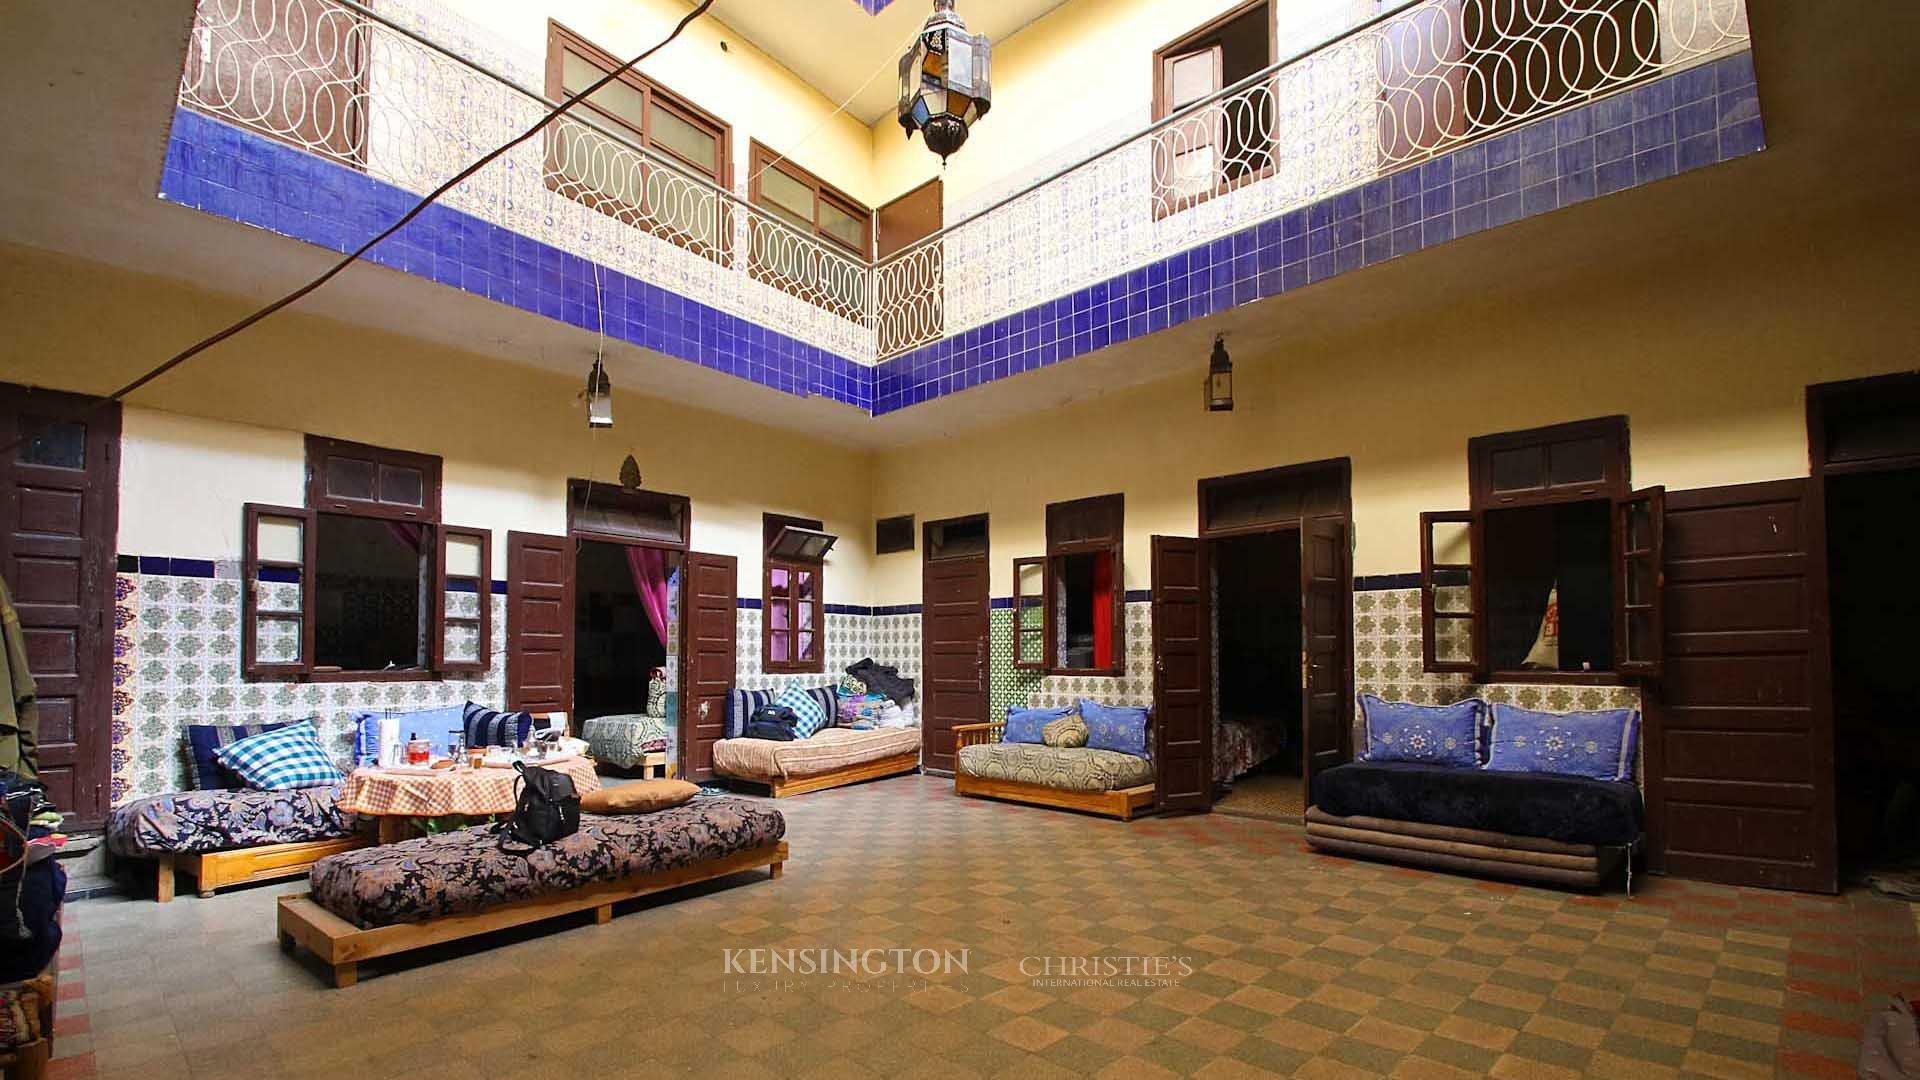 KPPM01109: Riad Kirti Riad Marrakech Morocco